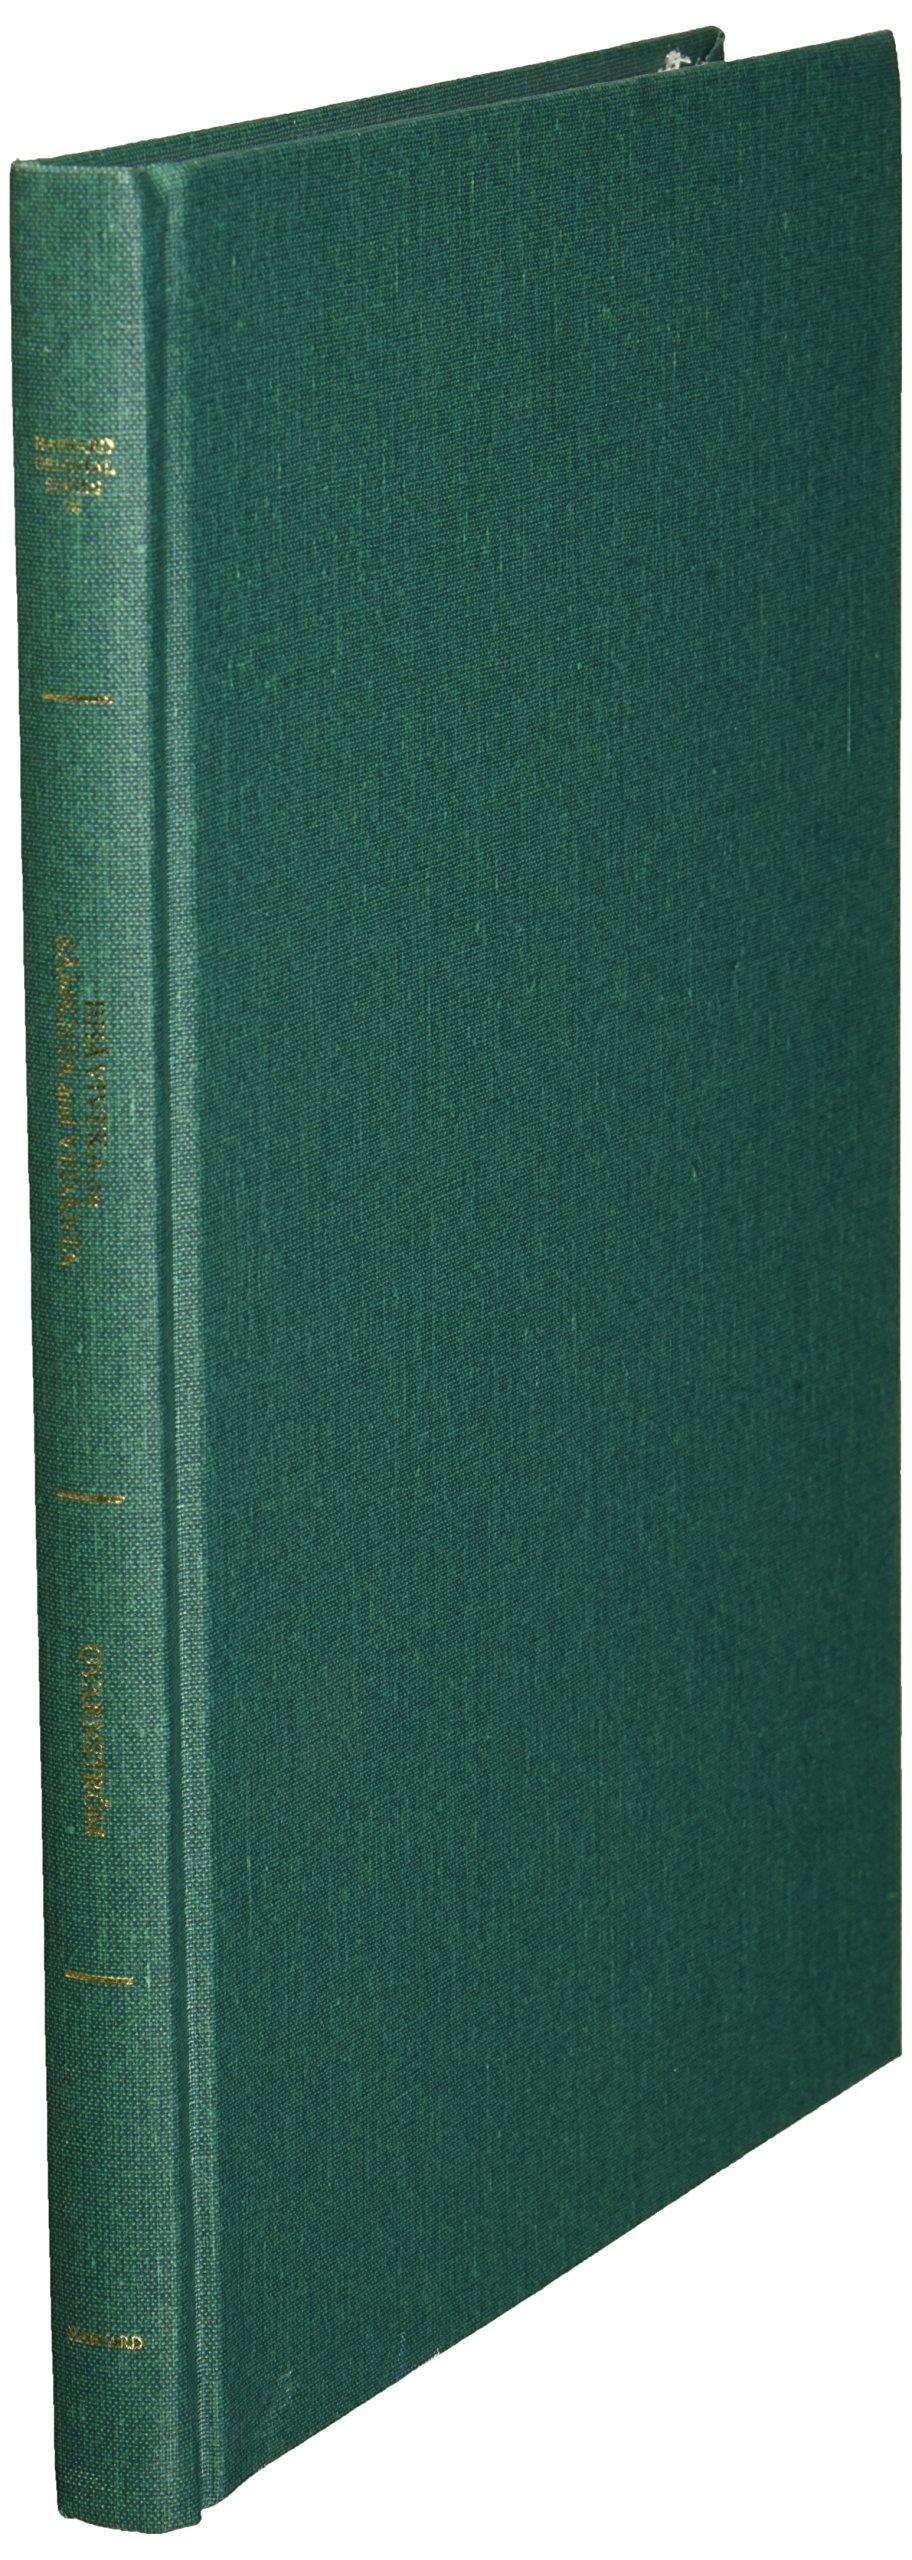 Bhāviveka on Sāmkhya and Vedānta: The Sāmkhya and Vedānta Chapters of the <i>Madhyamakahrdayakārikā</i> and <i>Tarkajvālā</i> (Harvard Oriental Series)